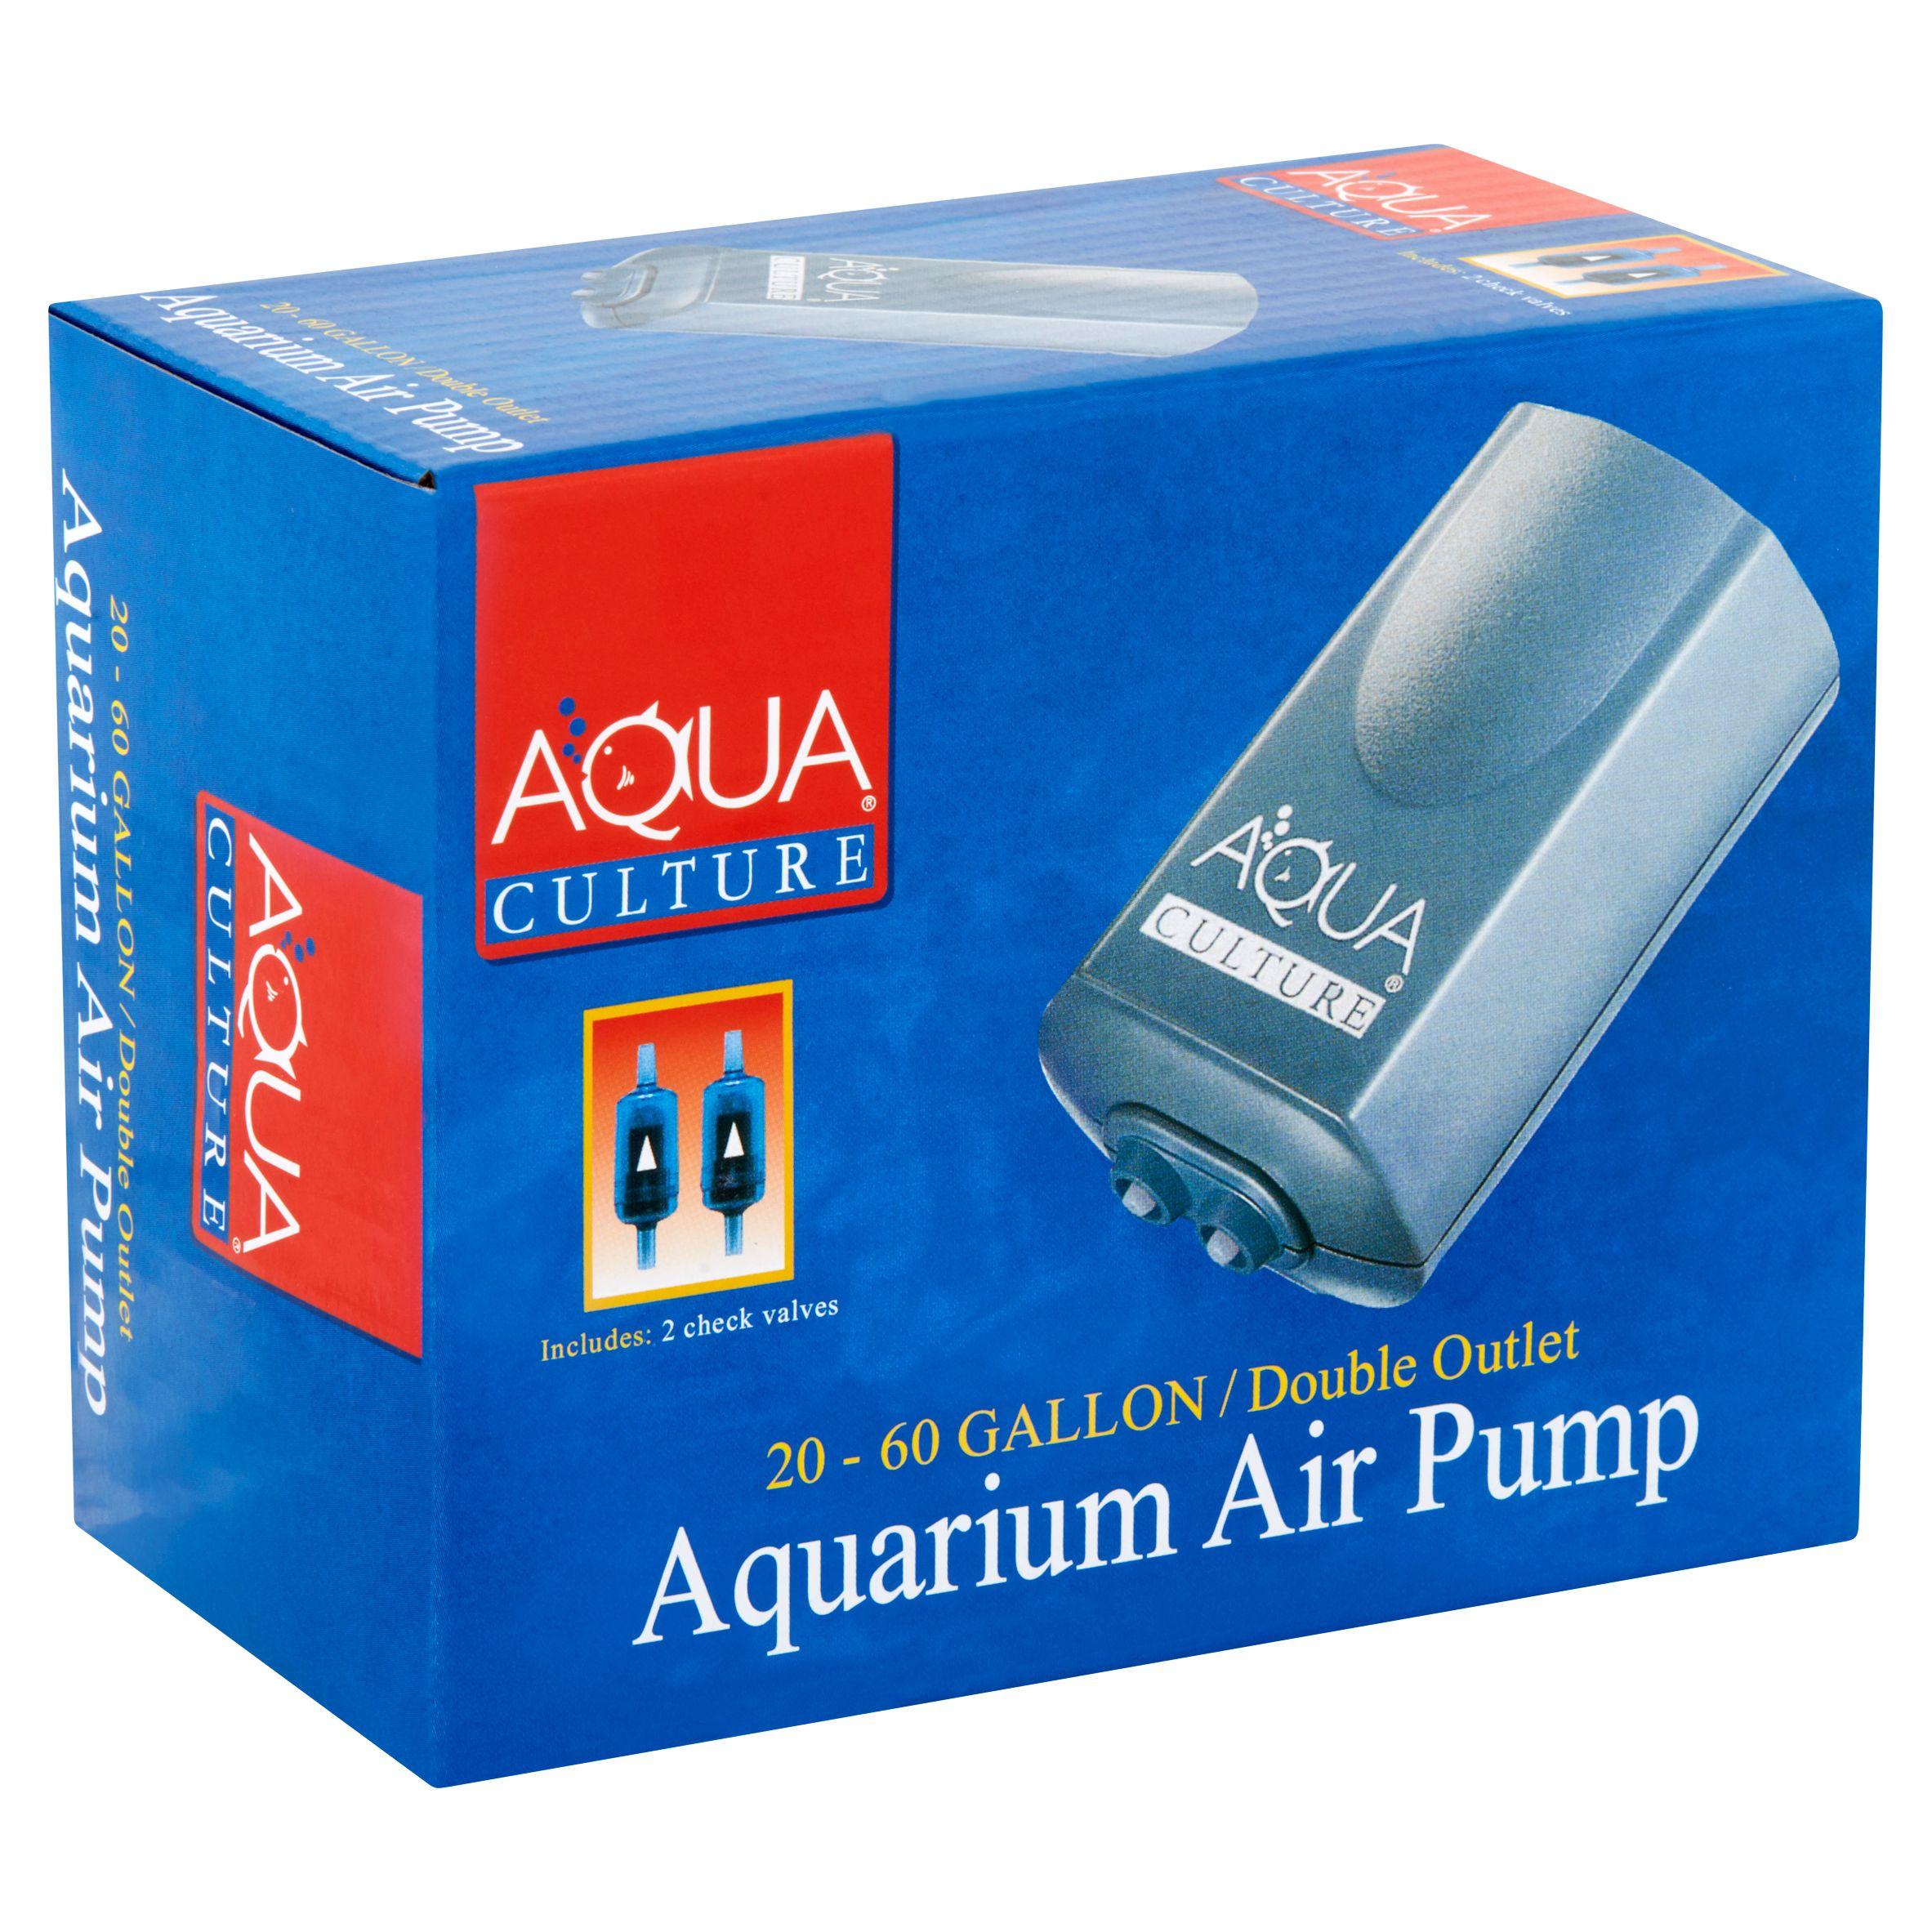 Pets Aquarium air pump, Aqua culture, Air pump